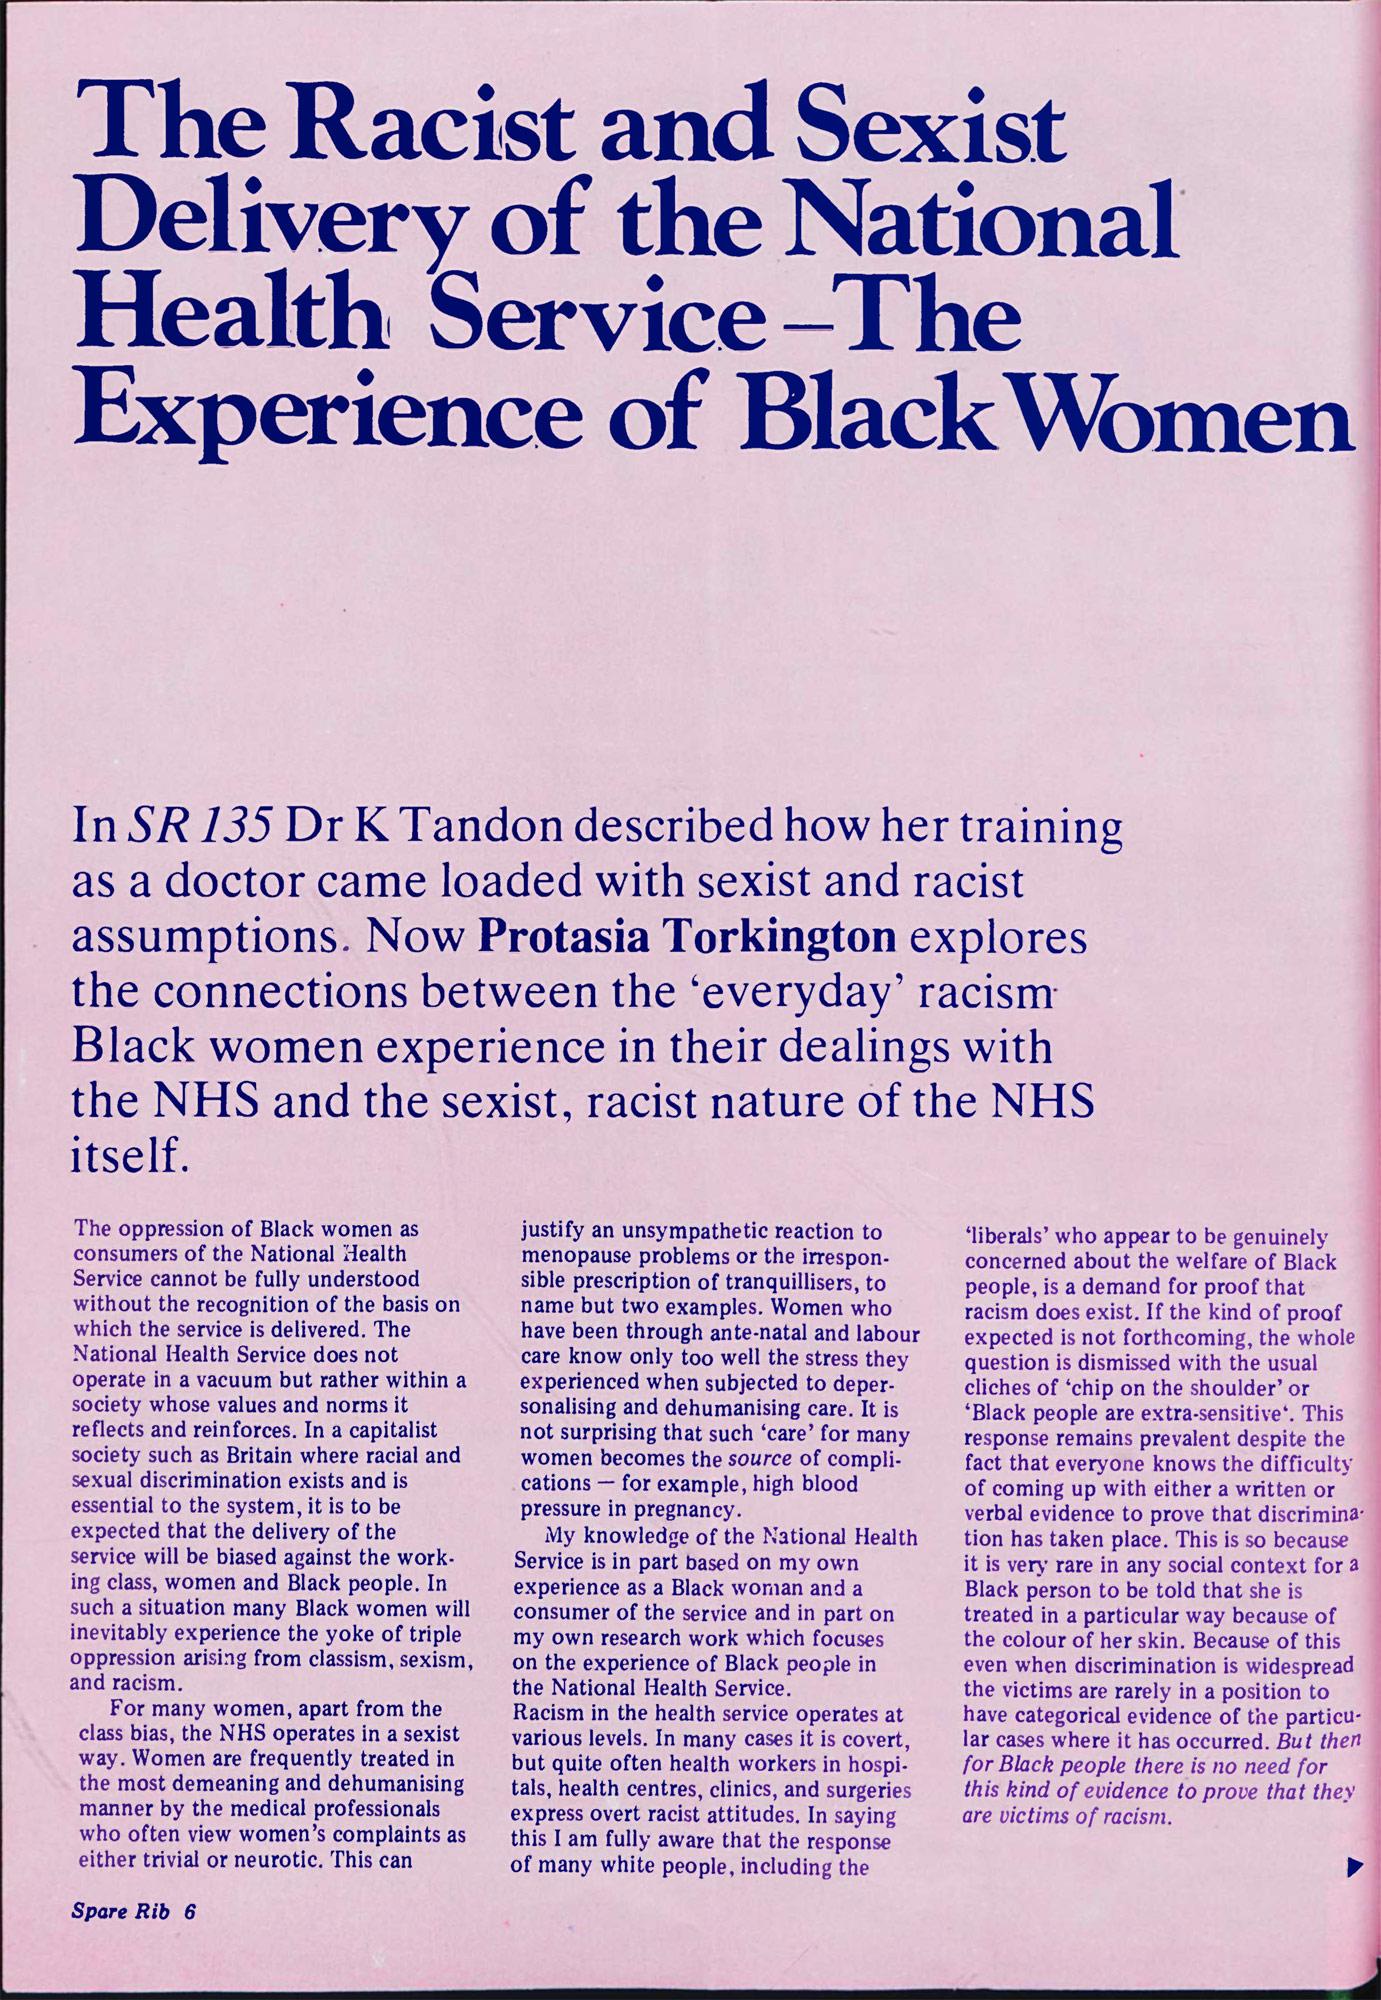 Spare Rib magazine issue 138 p. 6